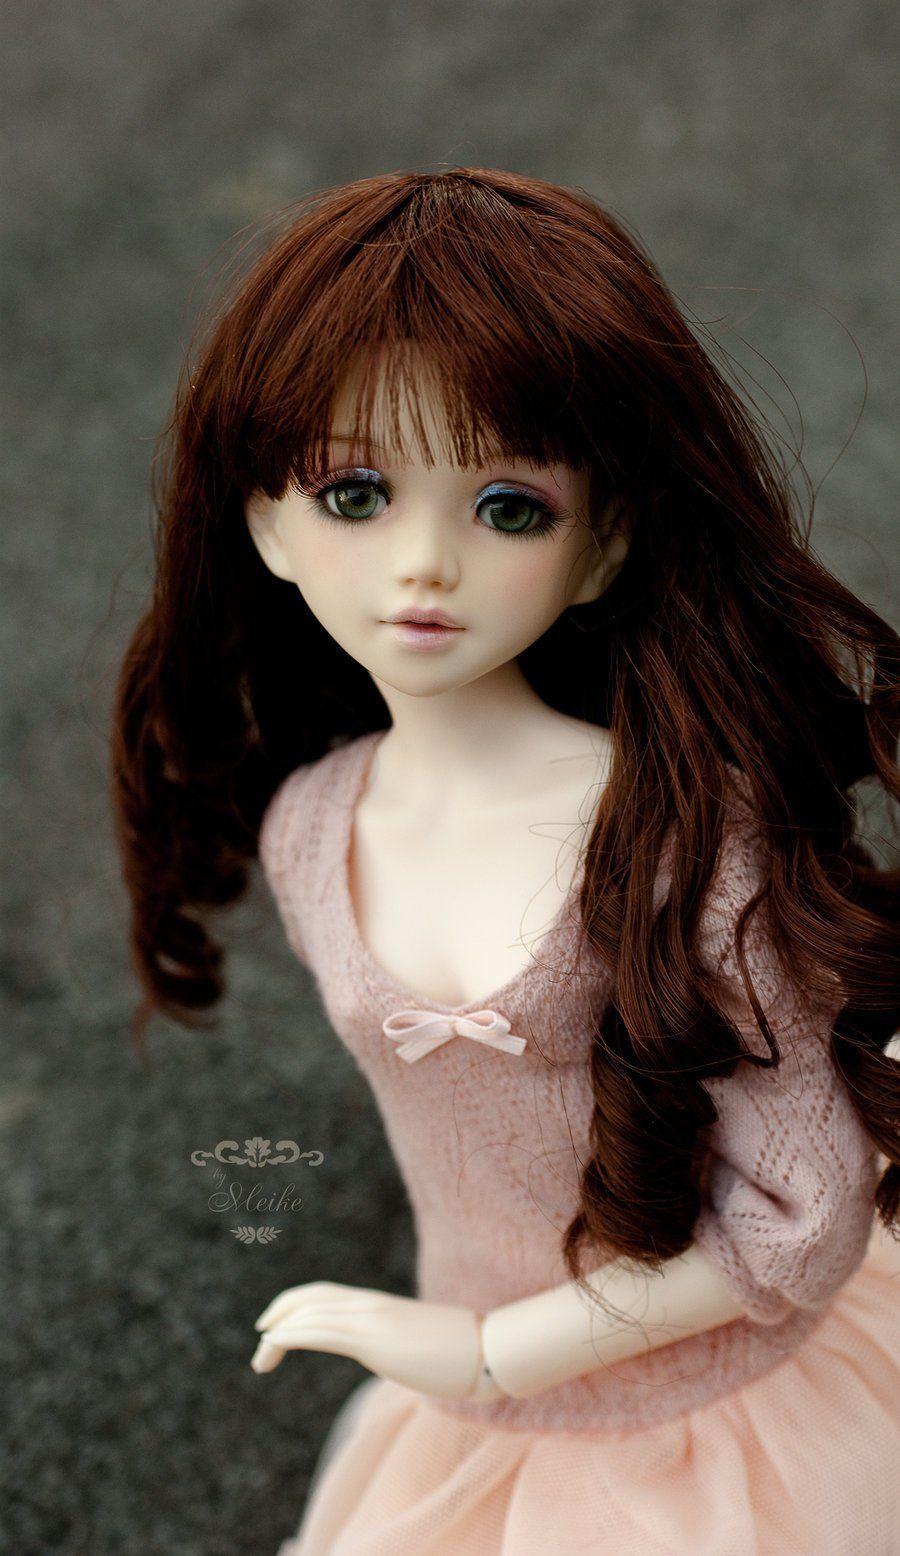 Sad Cute Dolls Pics 7 Dolls Dolls Cute Dolls Beautiful Dolls